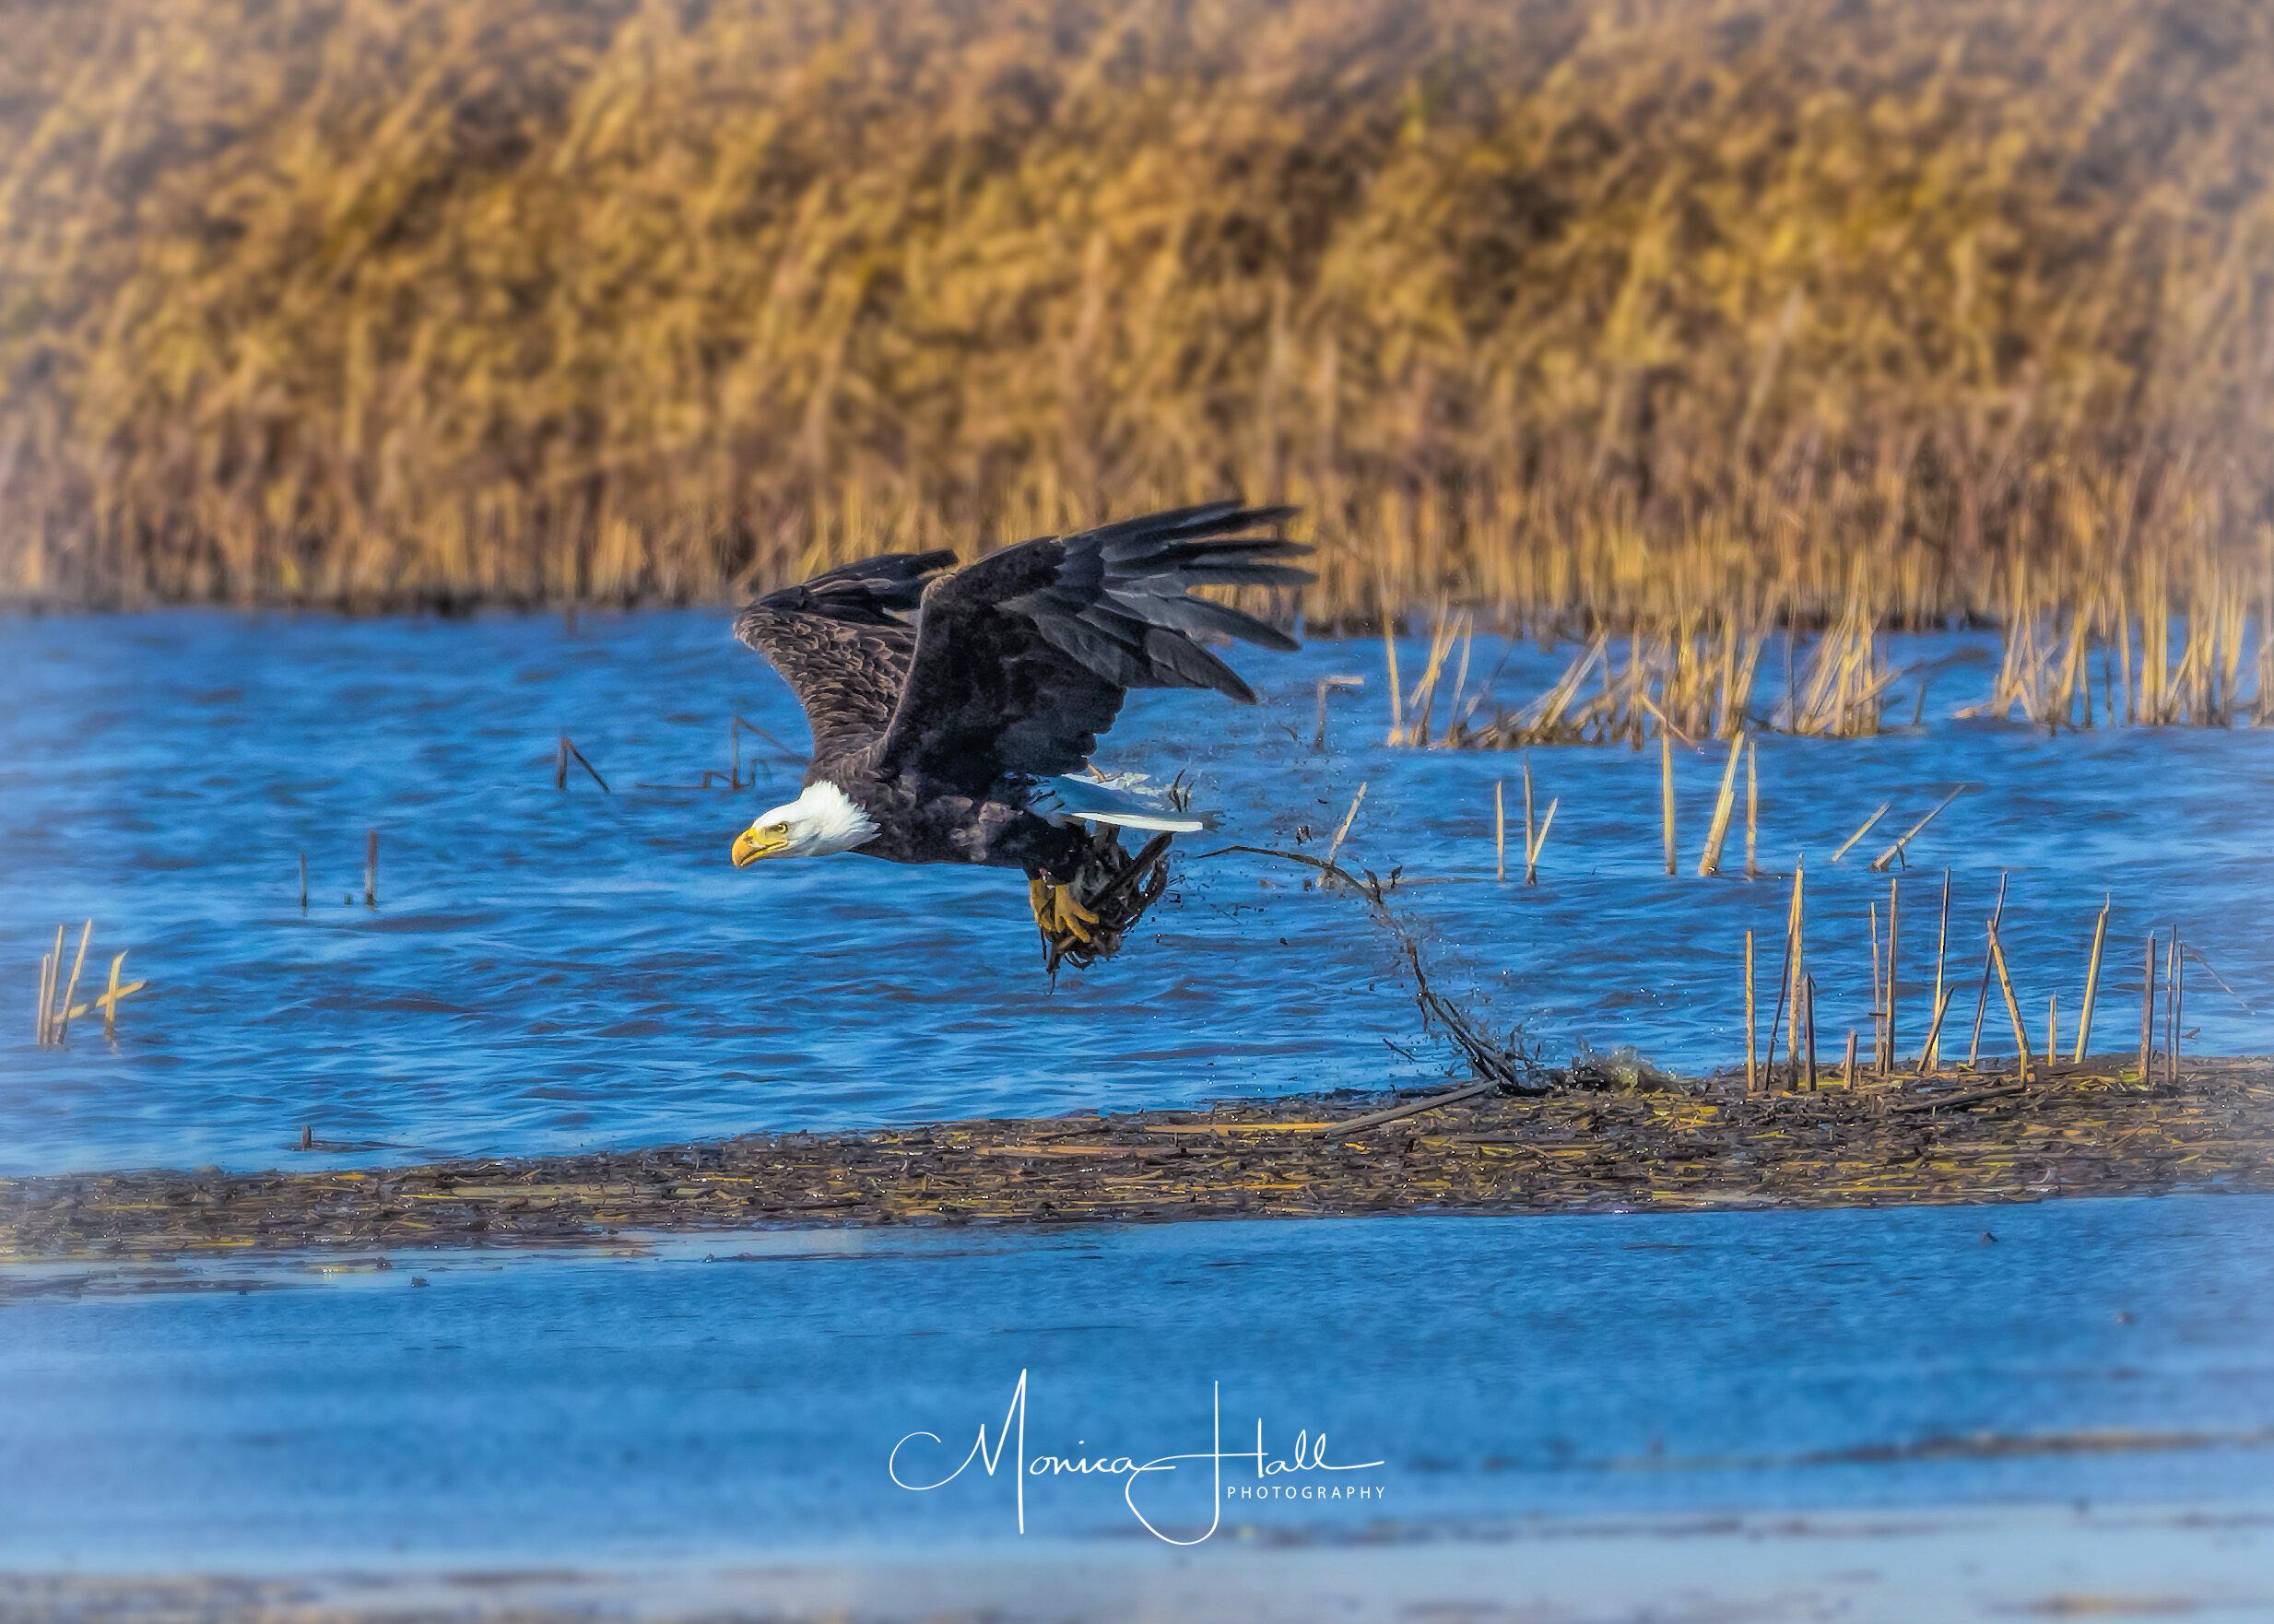 Bald eagle, photo by Monica Hall